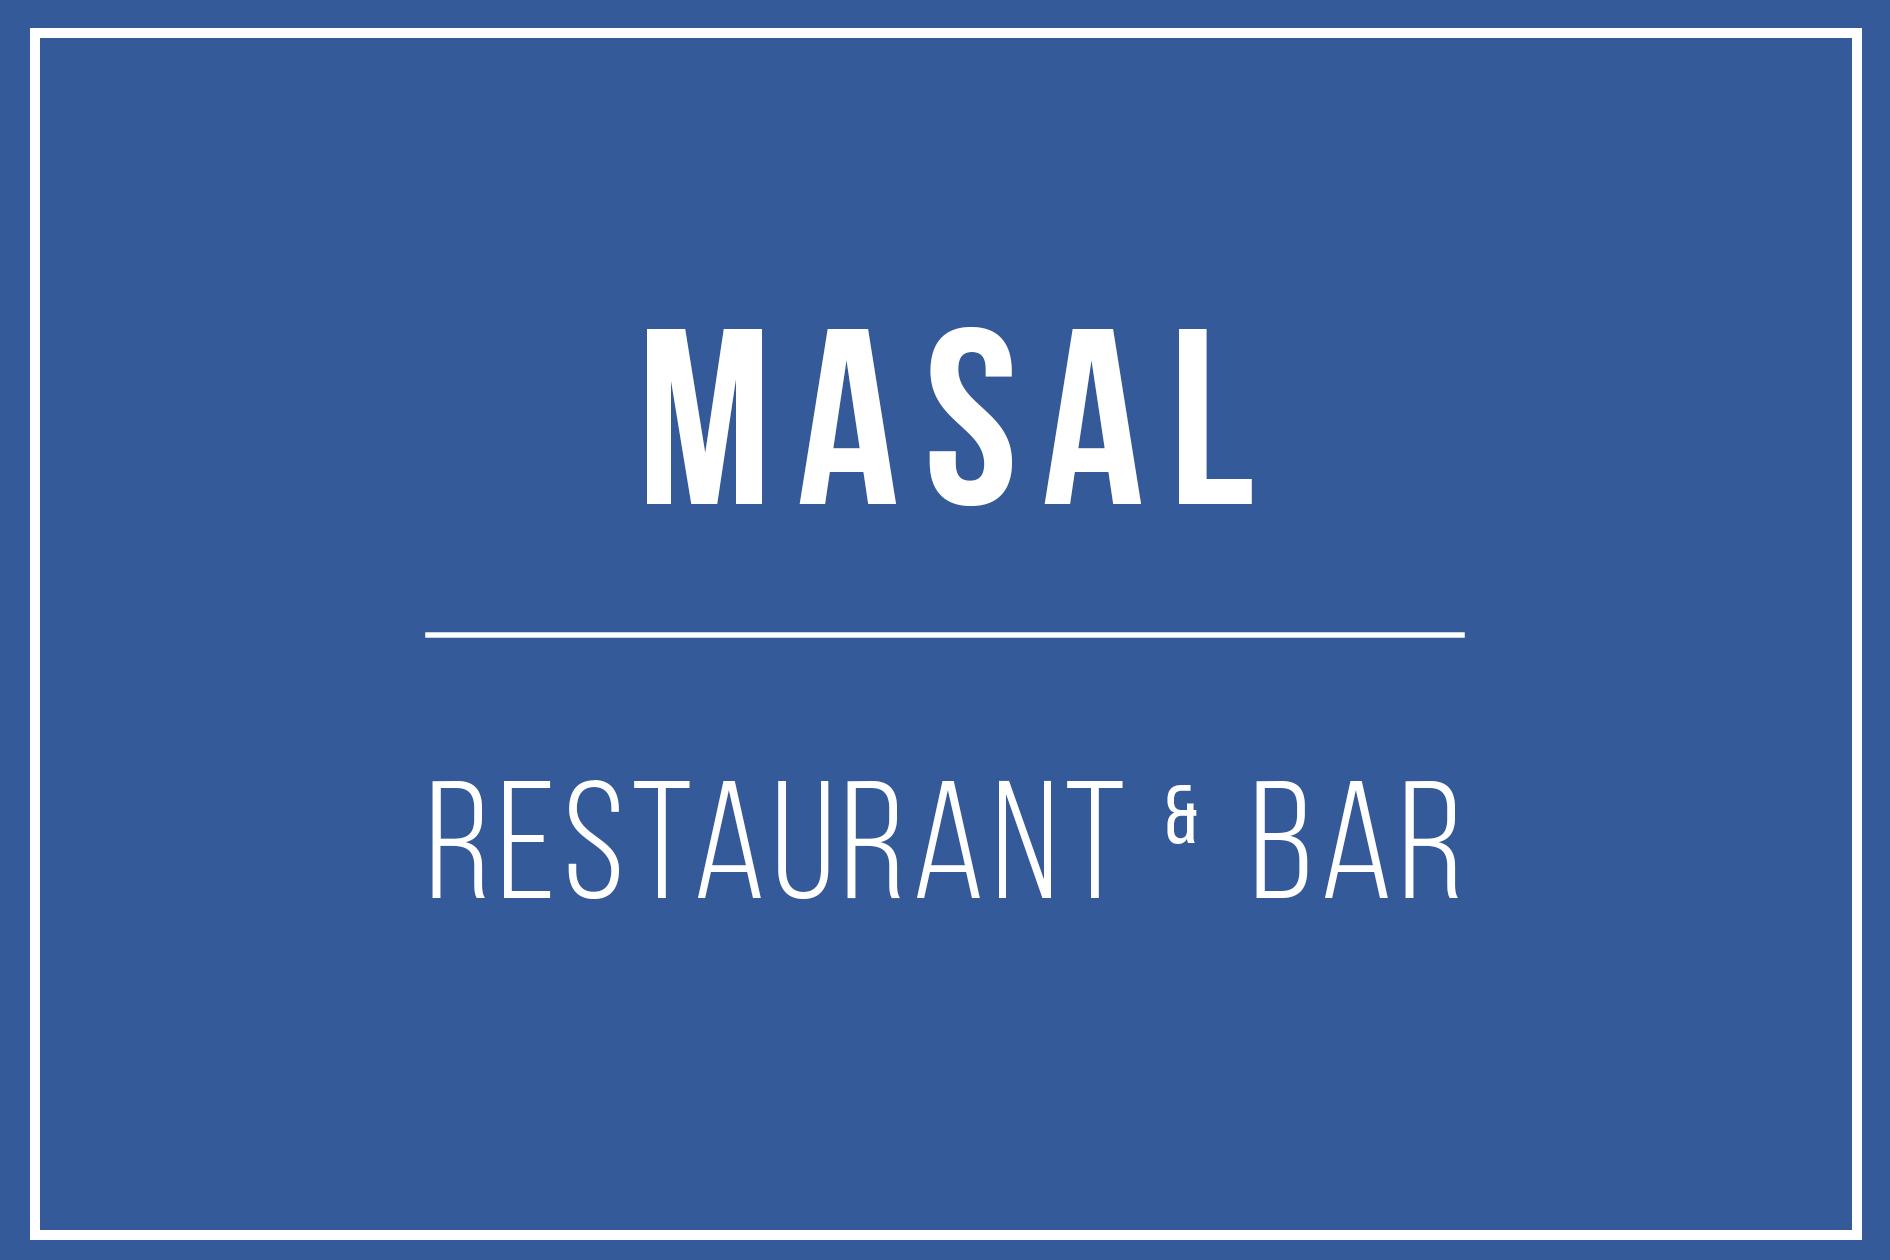 aya-kapadokya-masal-restaurant-bar-header-0001